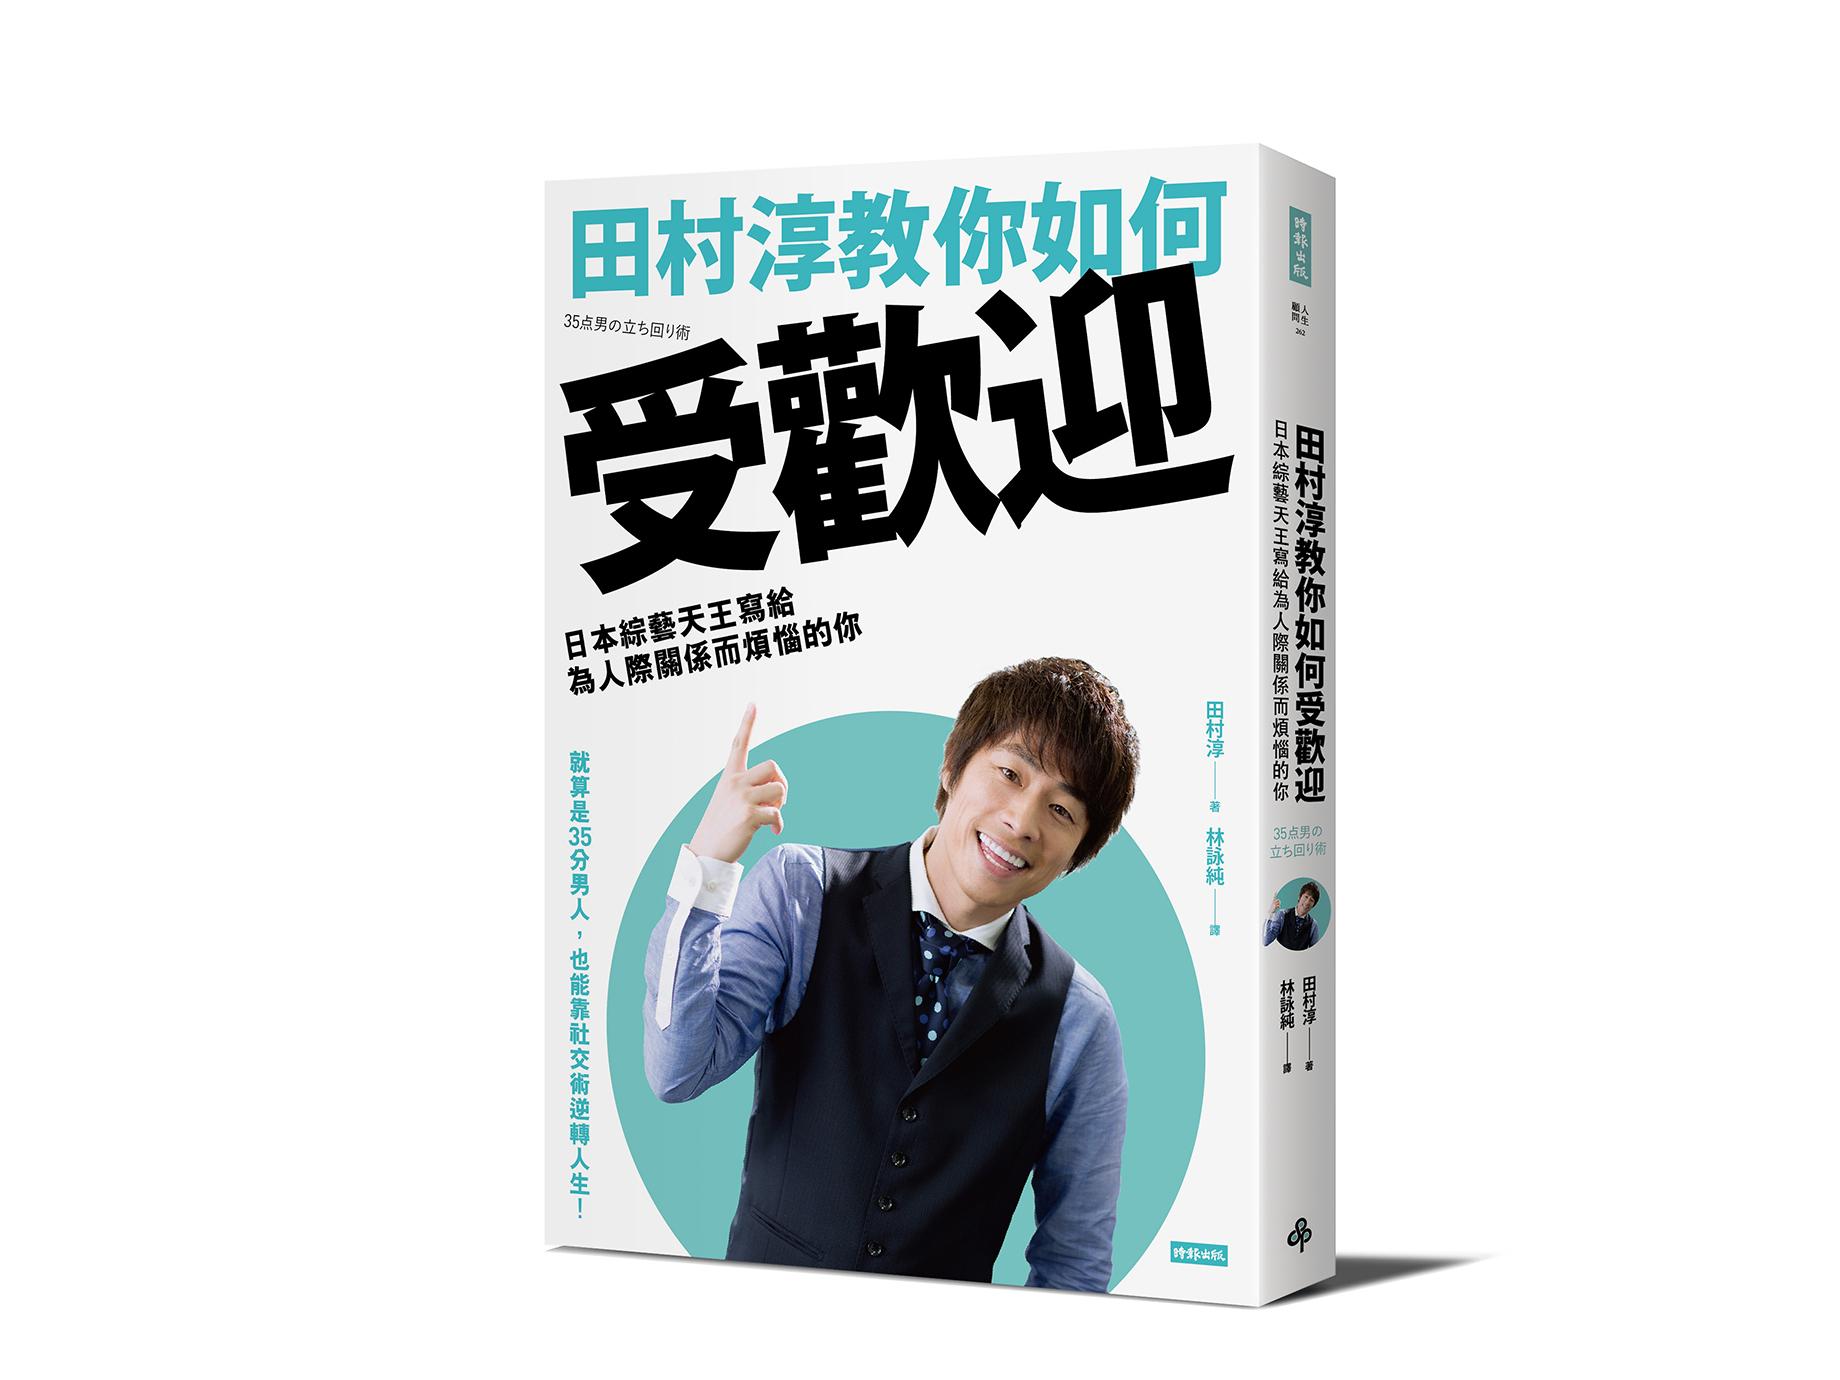 新書搶先看》日本綜藝天王的網路社交術